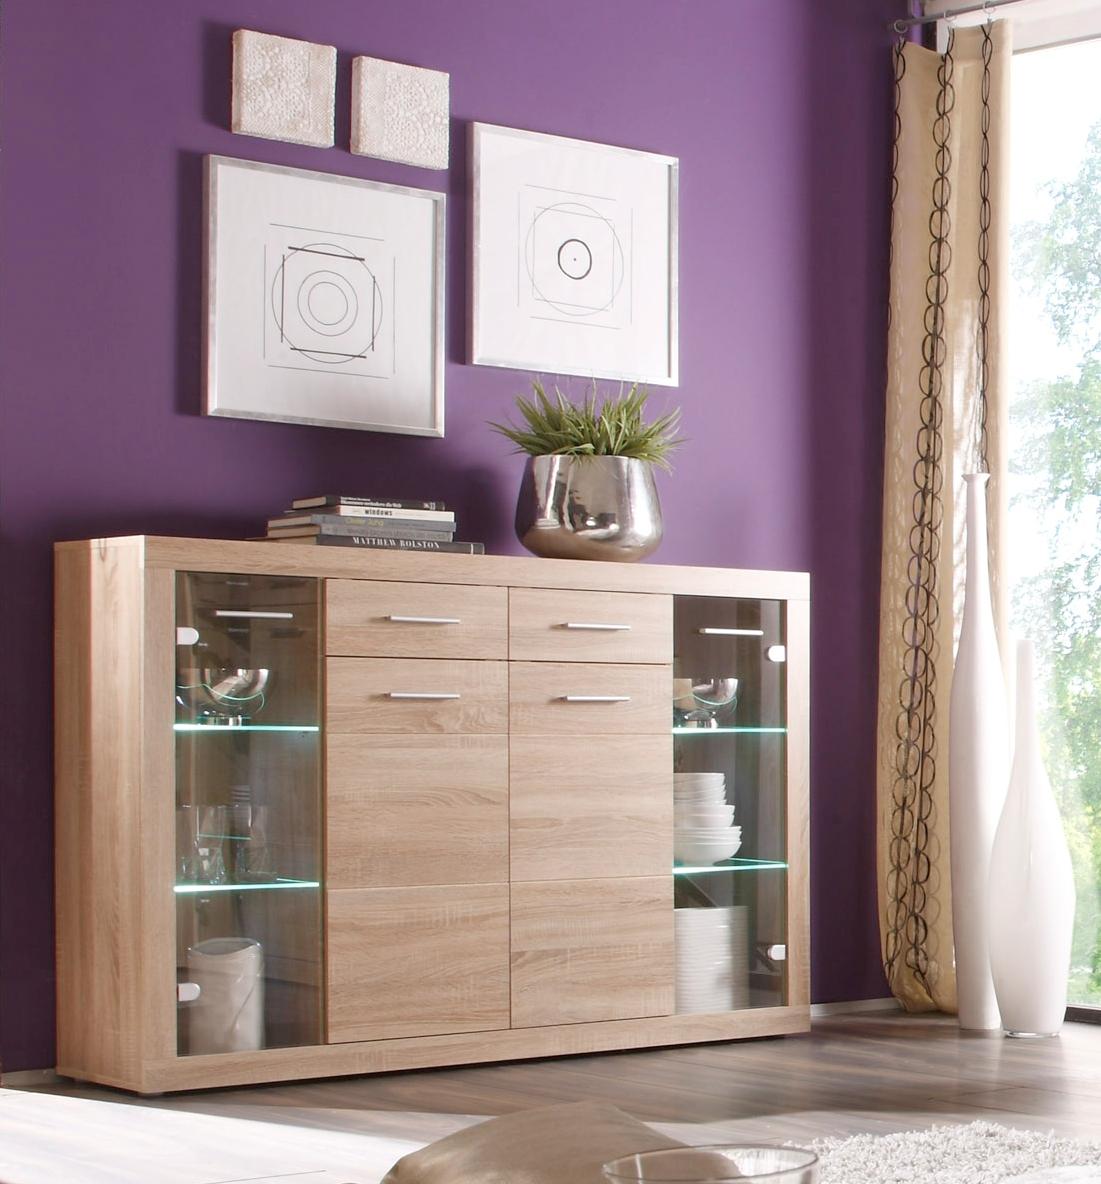 highboard cancan wohnprogramme wohnzimmer sortiment pack zu m bel sb und k chen discount. Black Bedroom Furniture Sets. Home Design Ideas